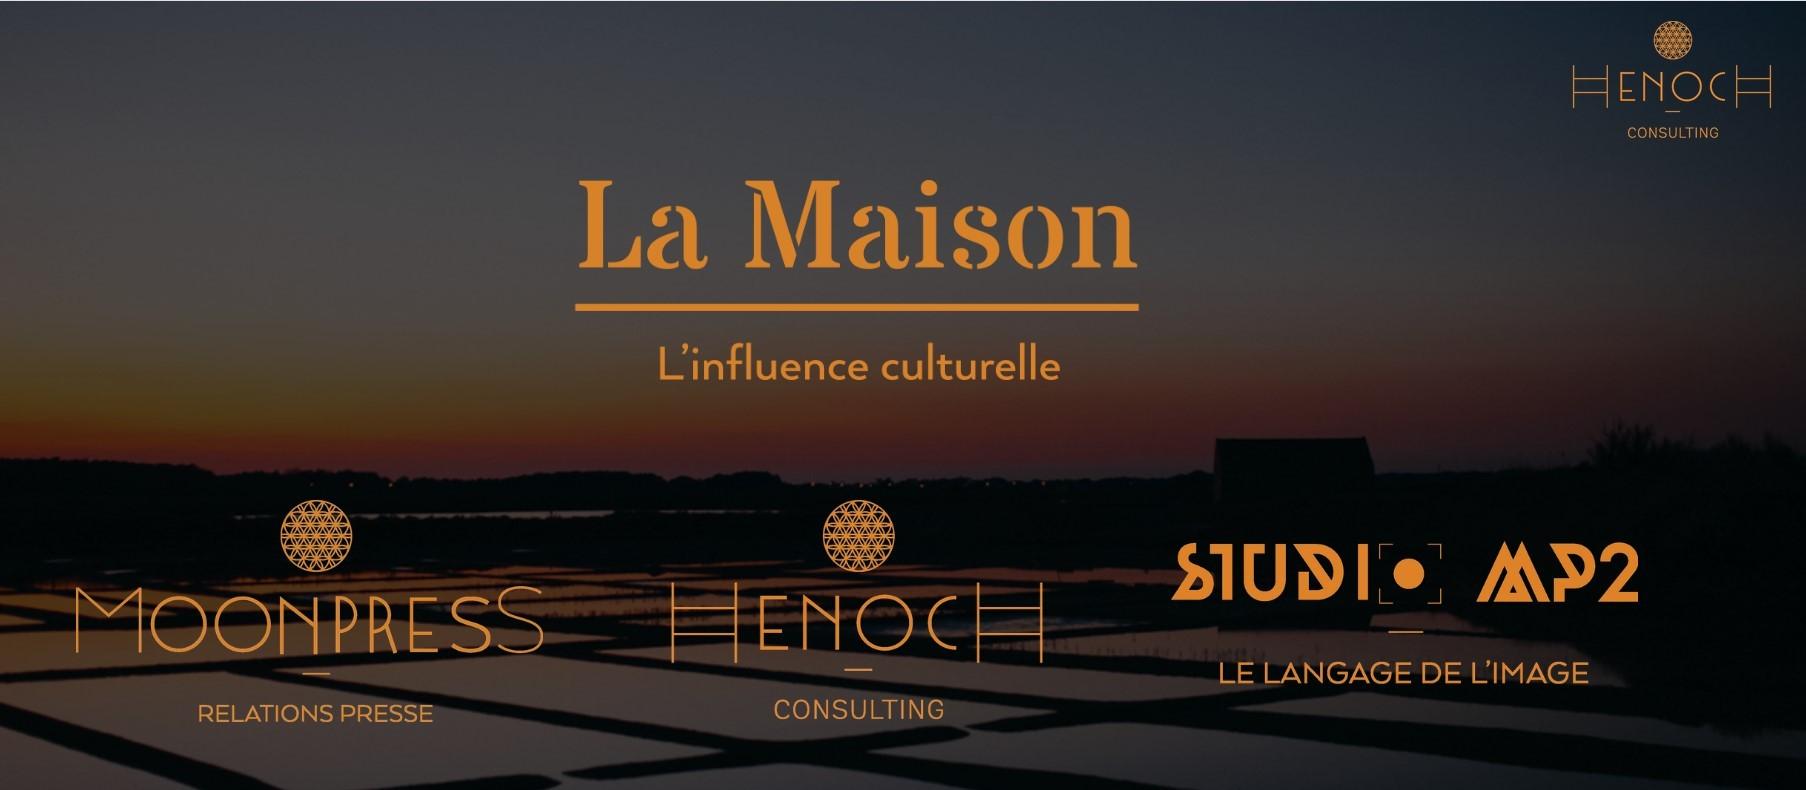 la maison influence culturelle, henoch consulting, moon press , studio mp2